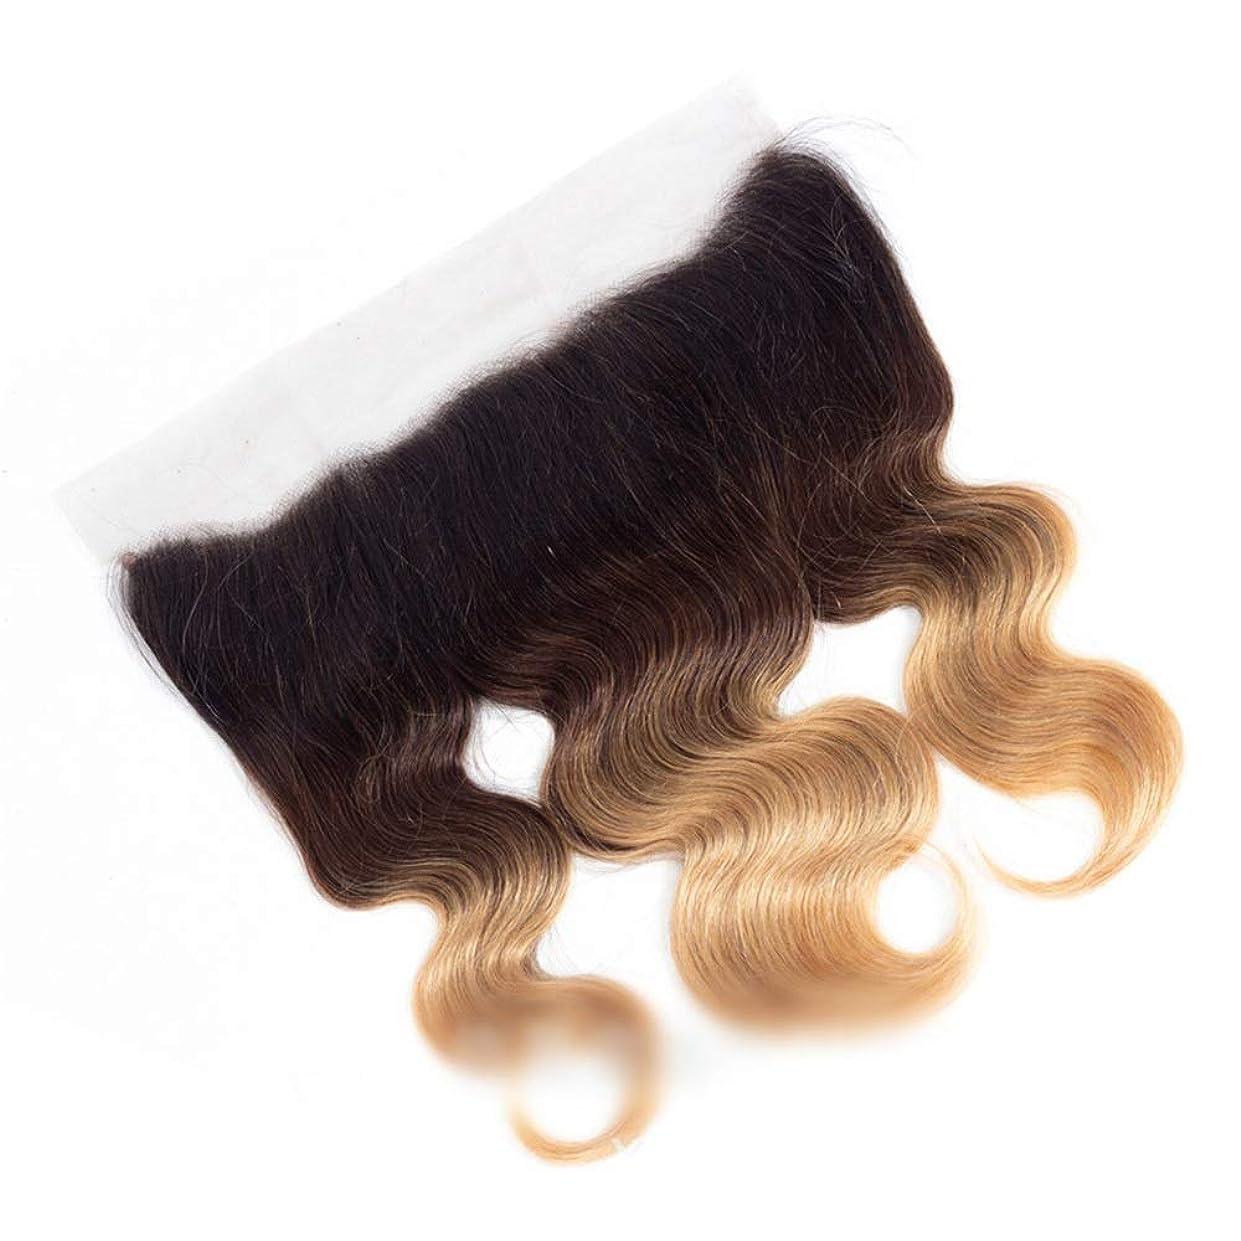 額かご移動HOHYLLYA 13x4レース前頭閉鎖ブラジル実体波巻き毛100%人毛1B / 4/27 3トーンカラー女性のための短い巻き毛のかつら茶色のかつら (色 : ブラウン, サイズ : 18 inch)